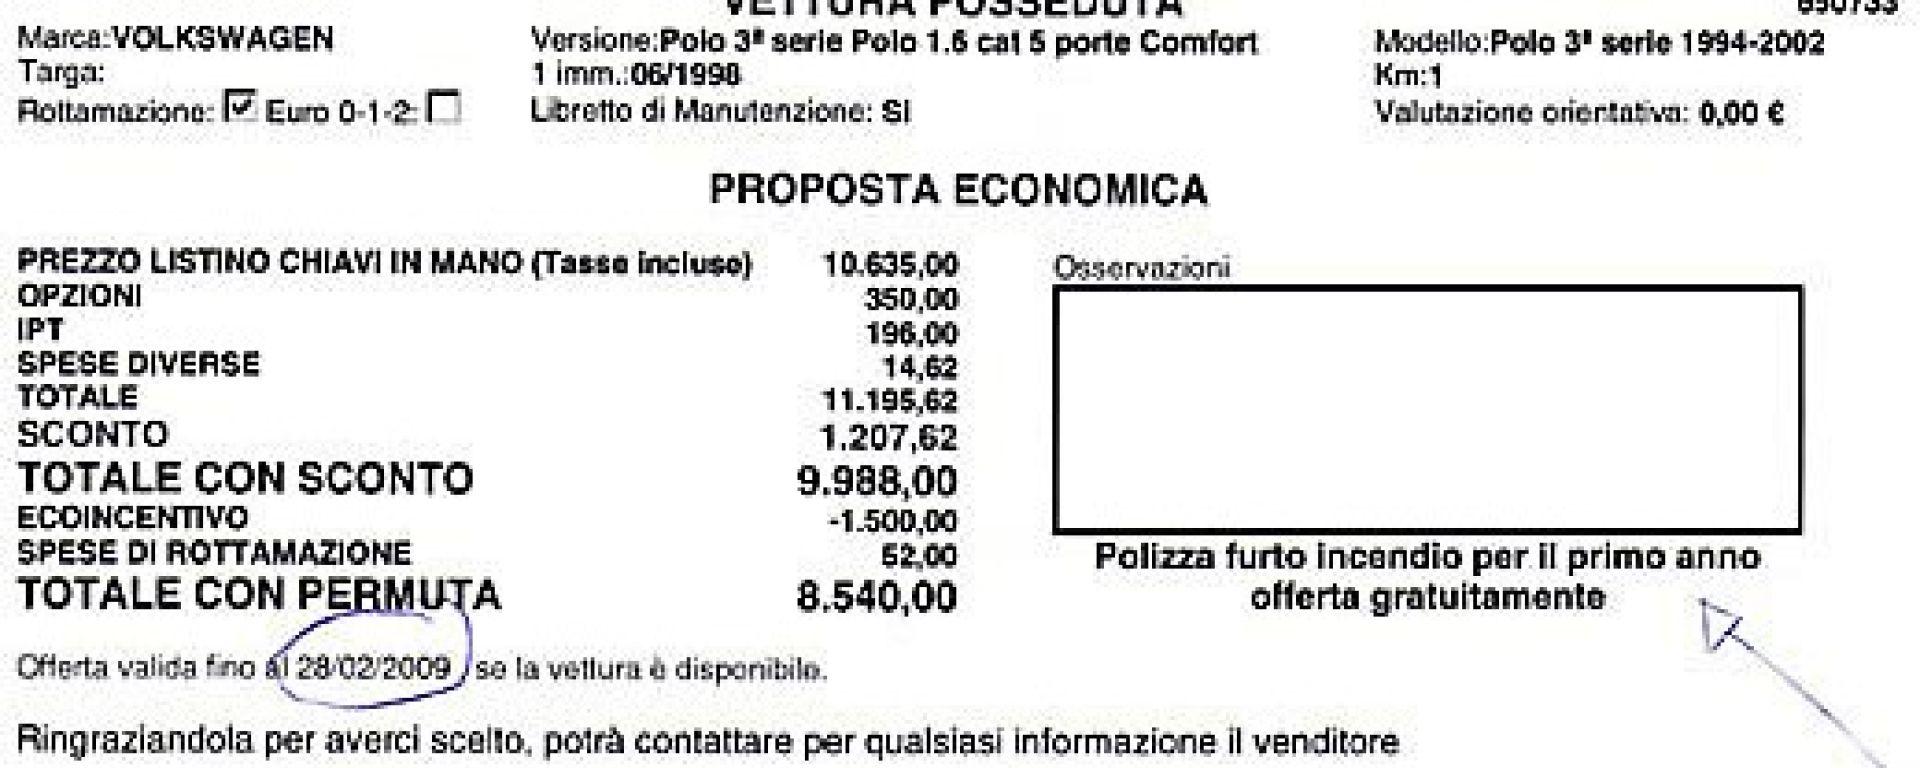 La verità sugli incentivi 2009